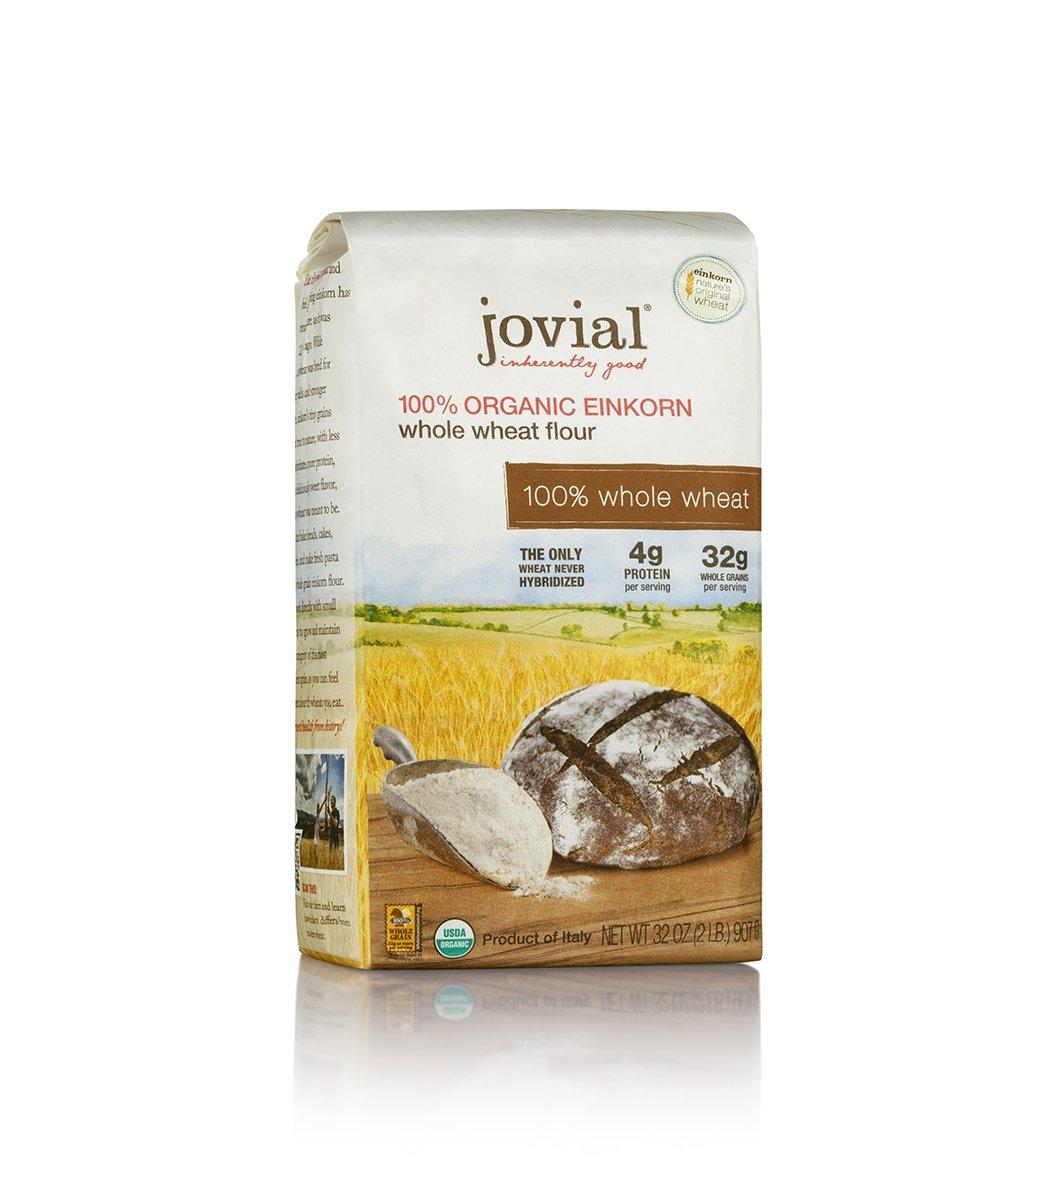 Jovial 100% Organic Einkorn Whole Wheat Flour 32oz